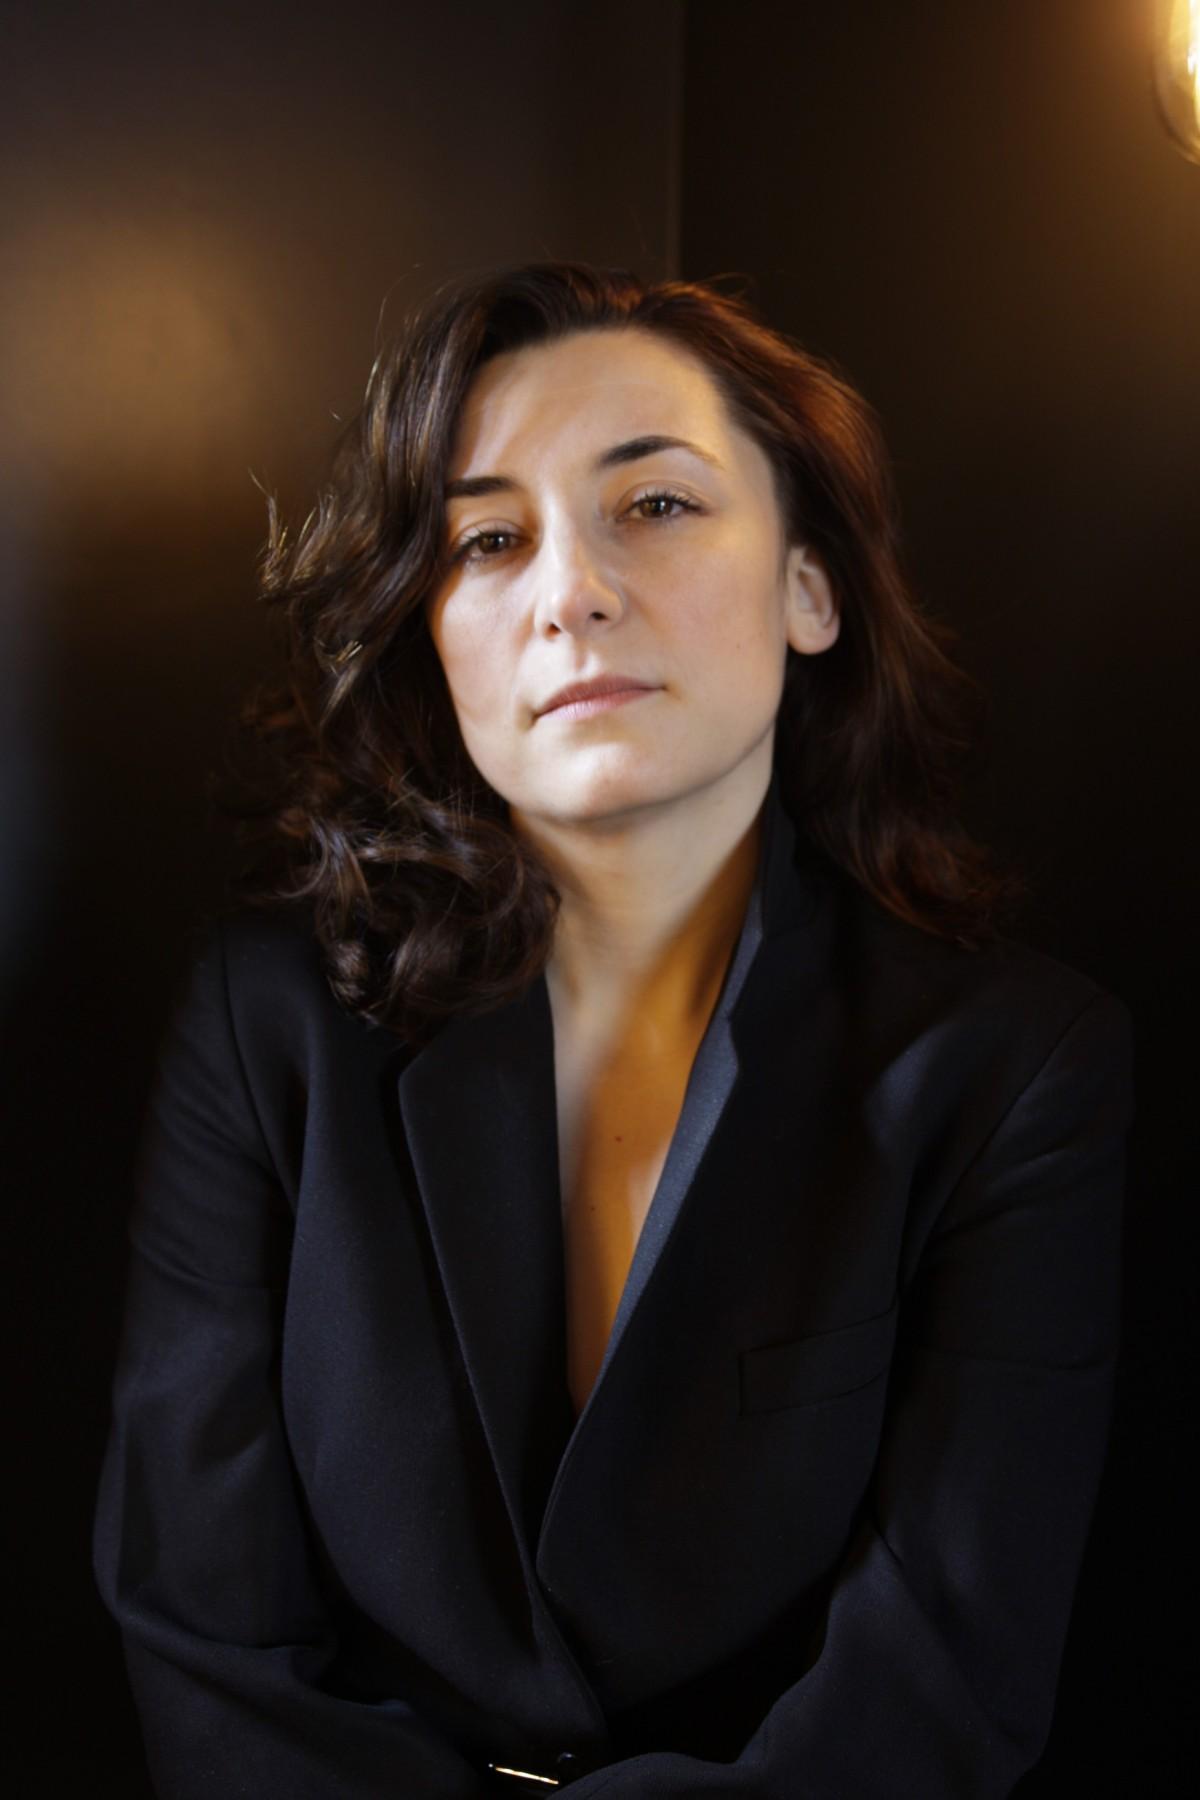 Арх. Адриана Начева: Аз не работя в театър –  аз съм архитект